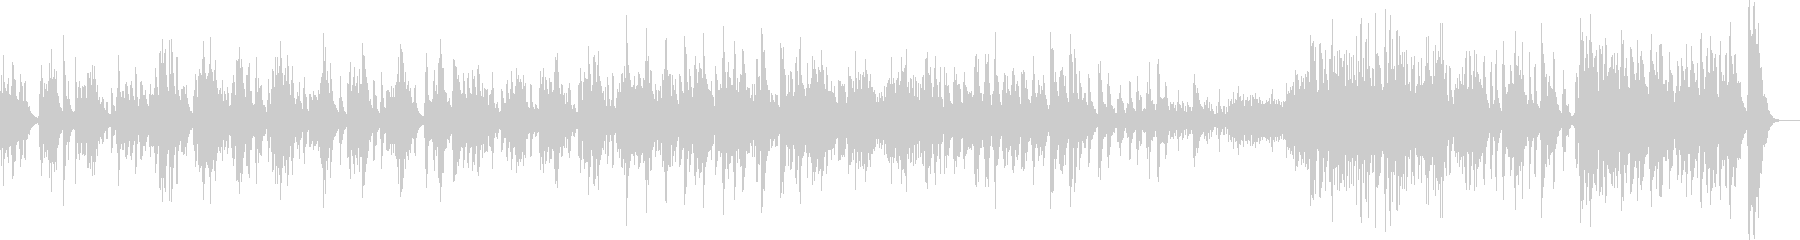 不協和音がいっぱいの木管メインの曲の未再生の波形